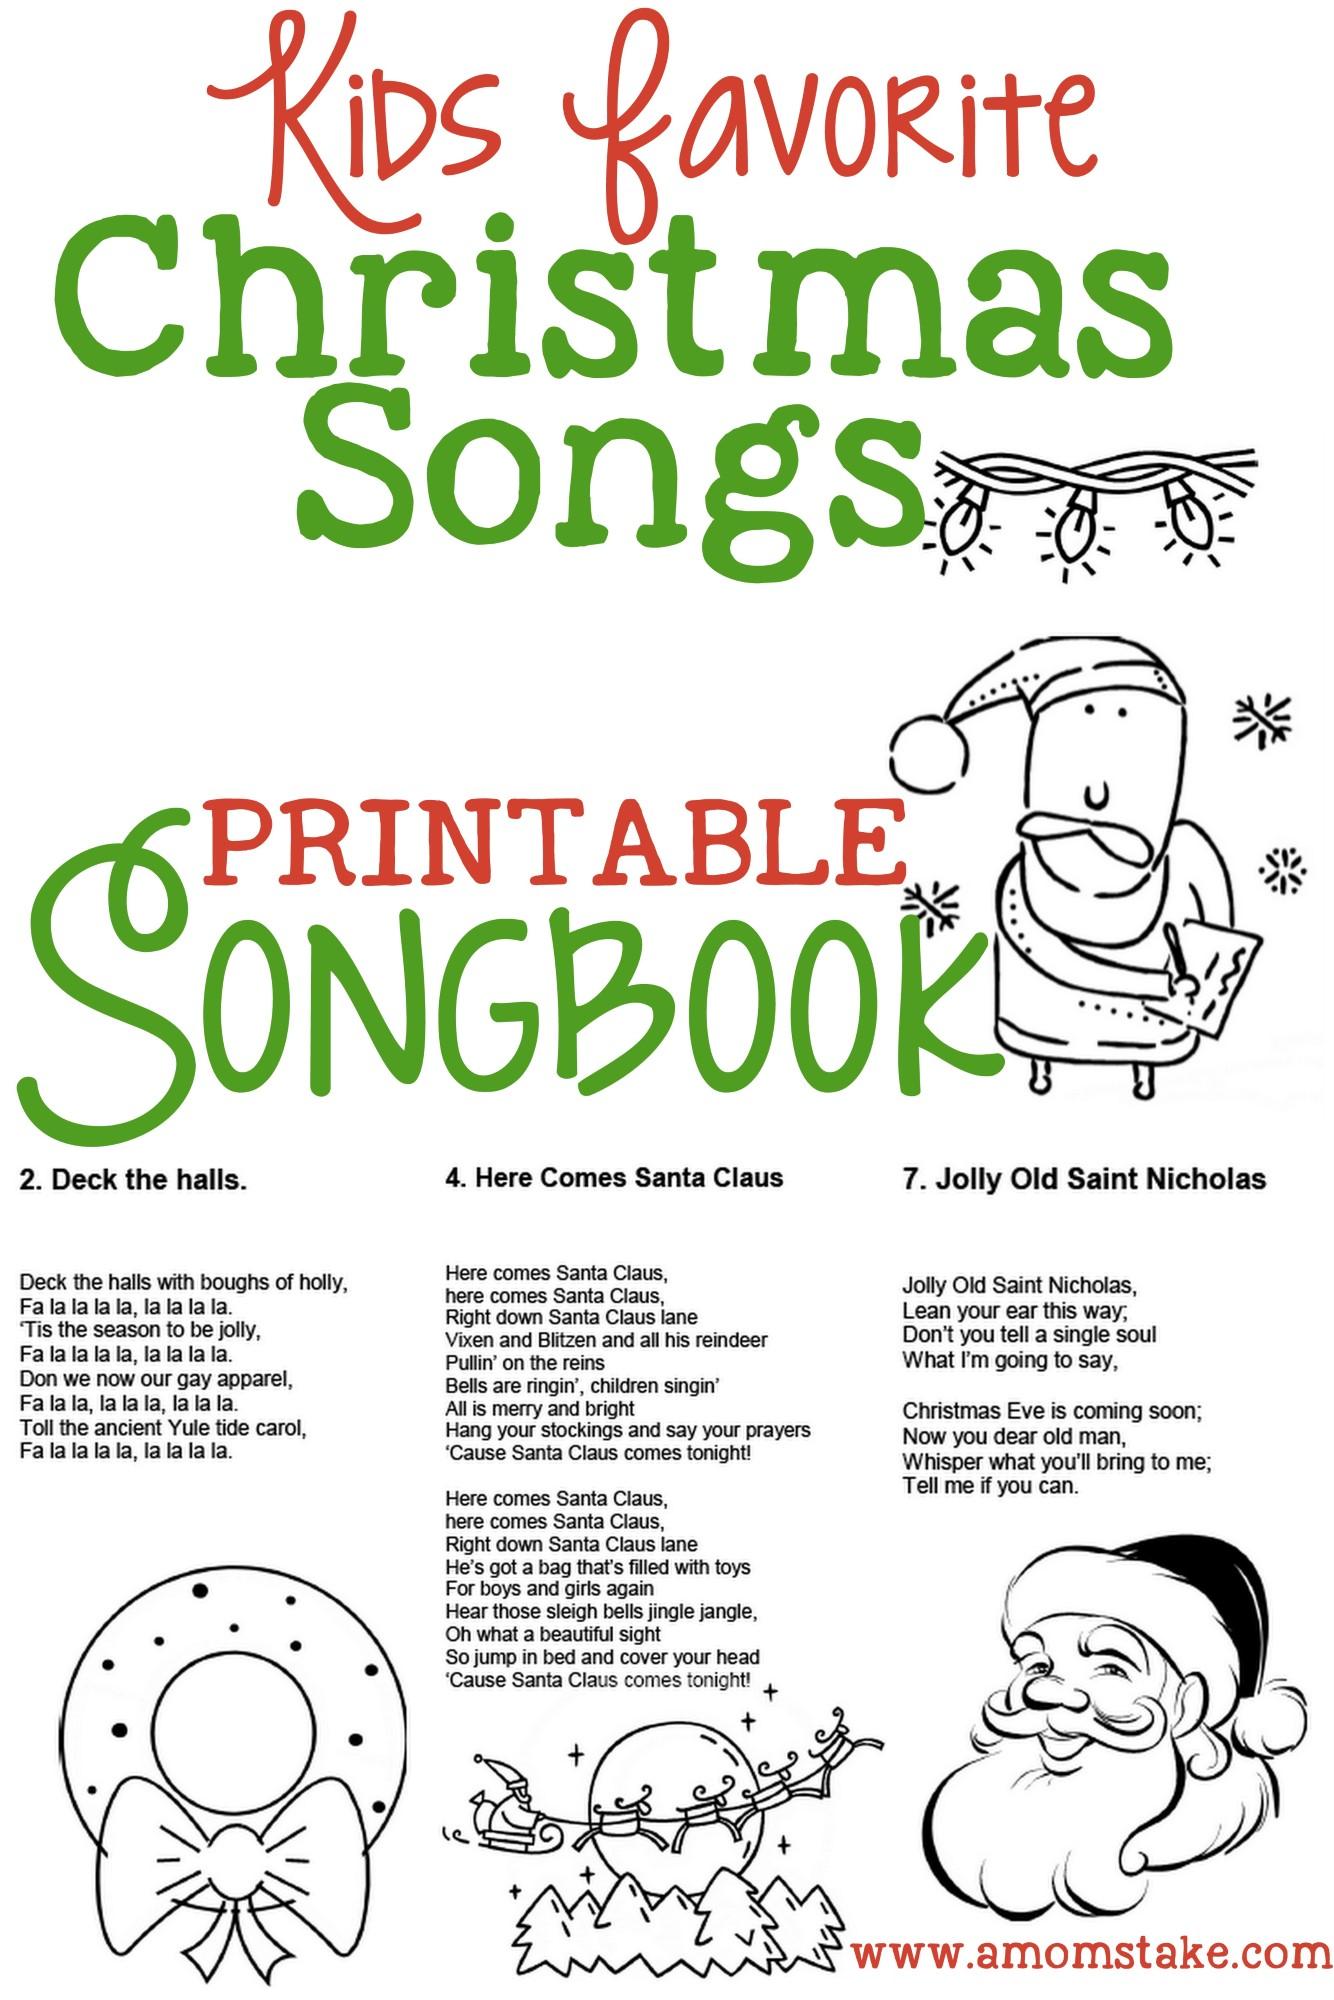 4 Images of Printable Christmas Carol Song Books